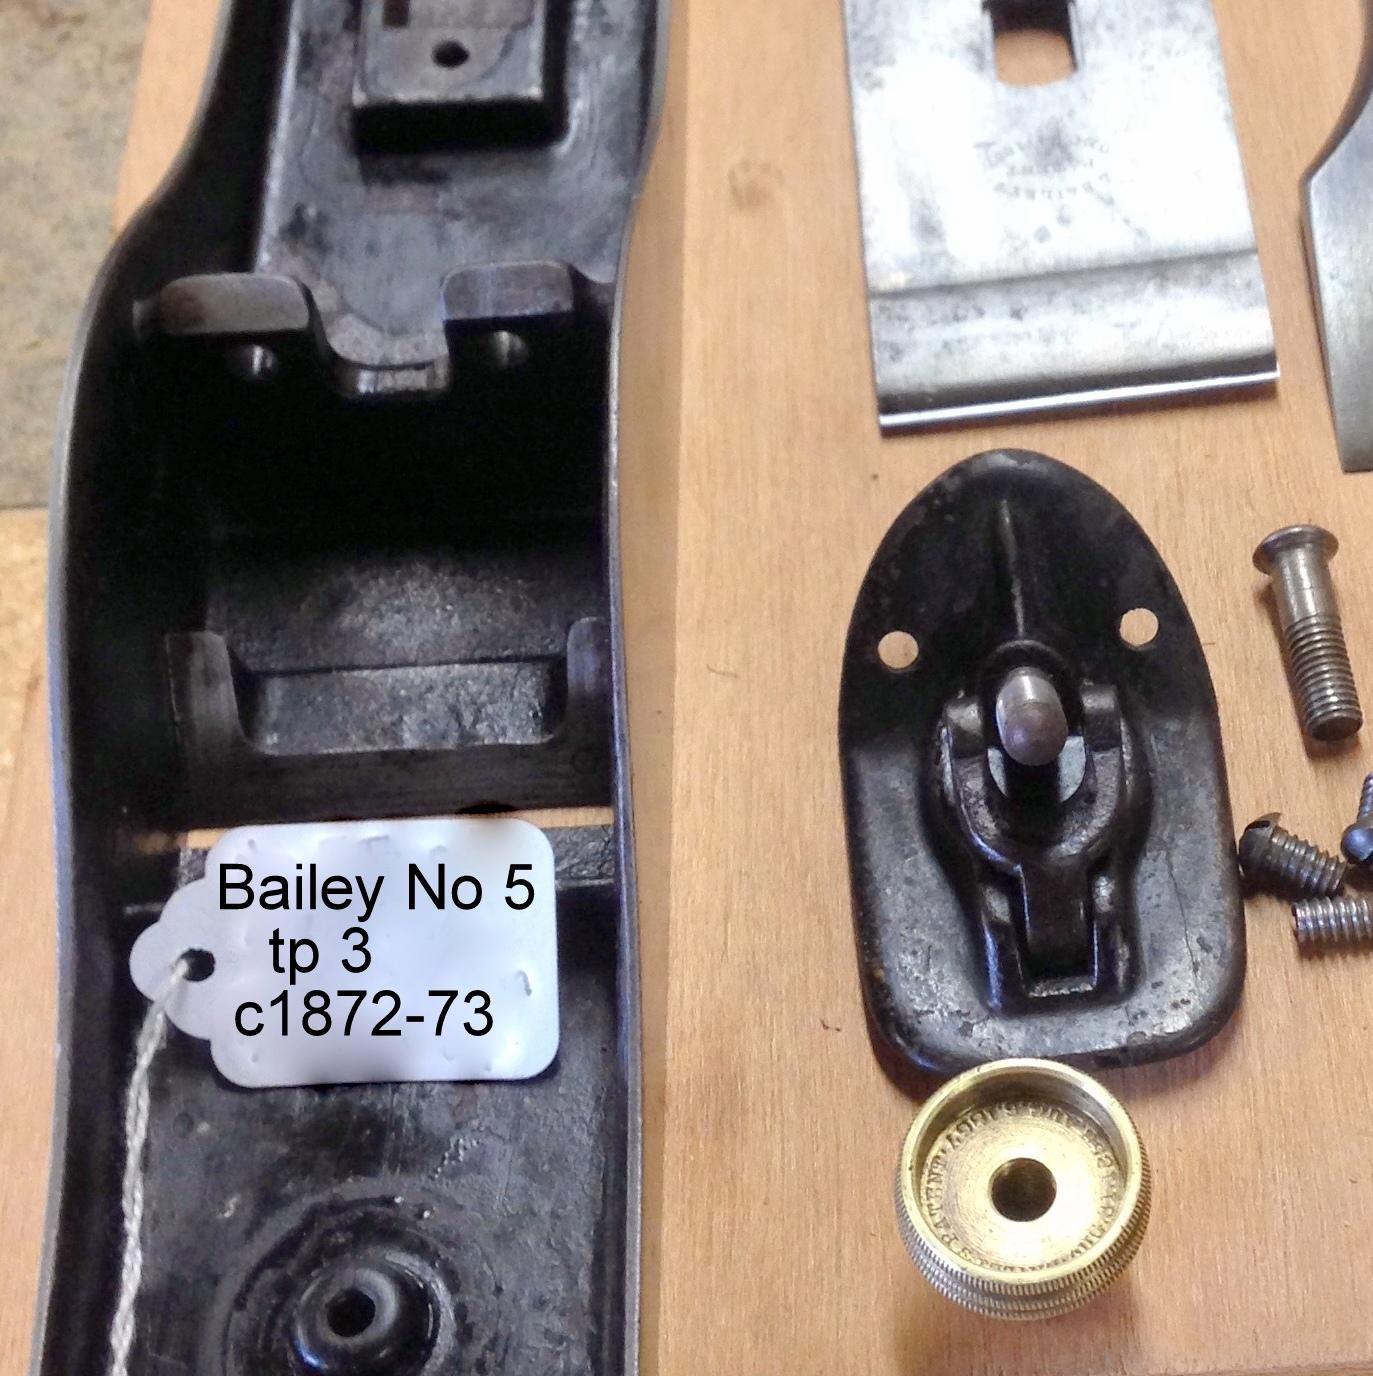 Bailey No 5 tp 3